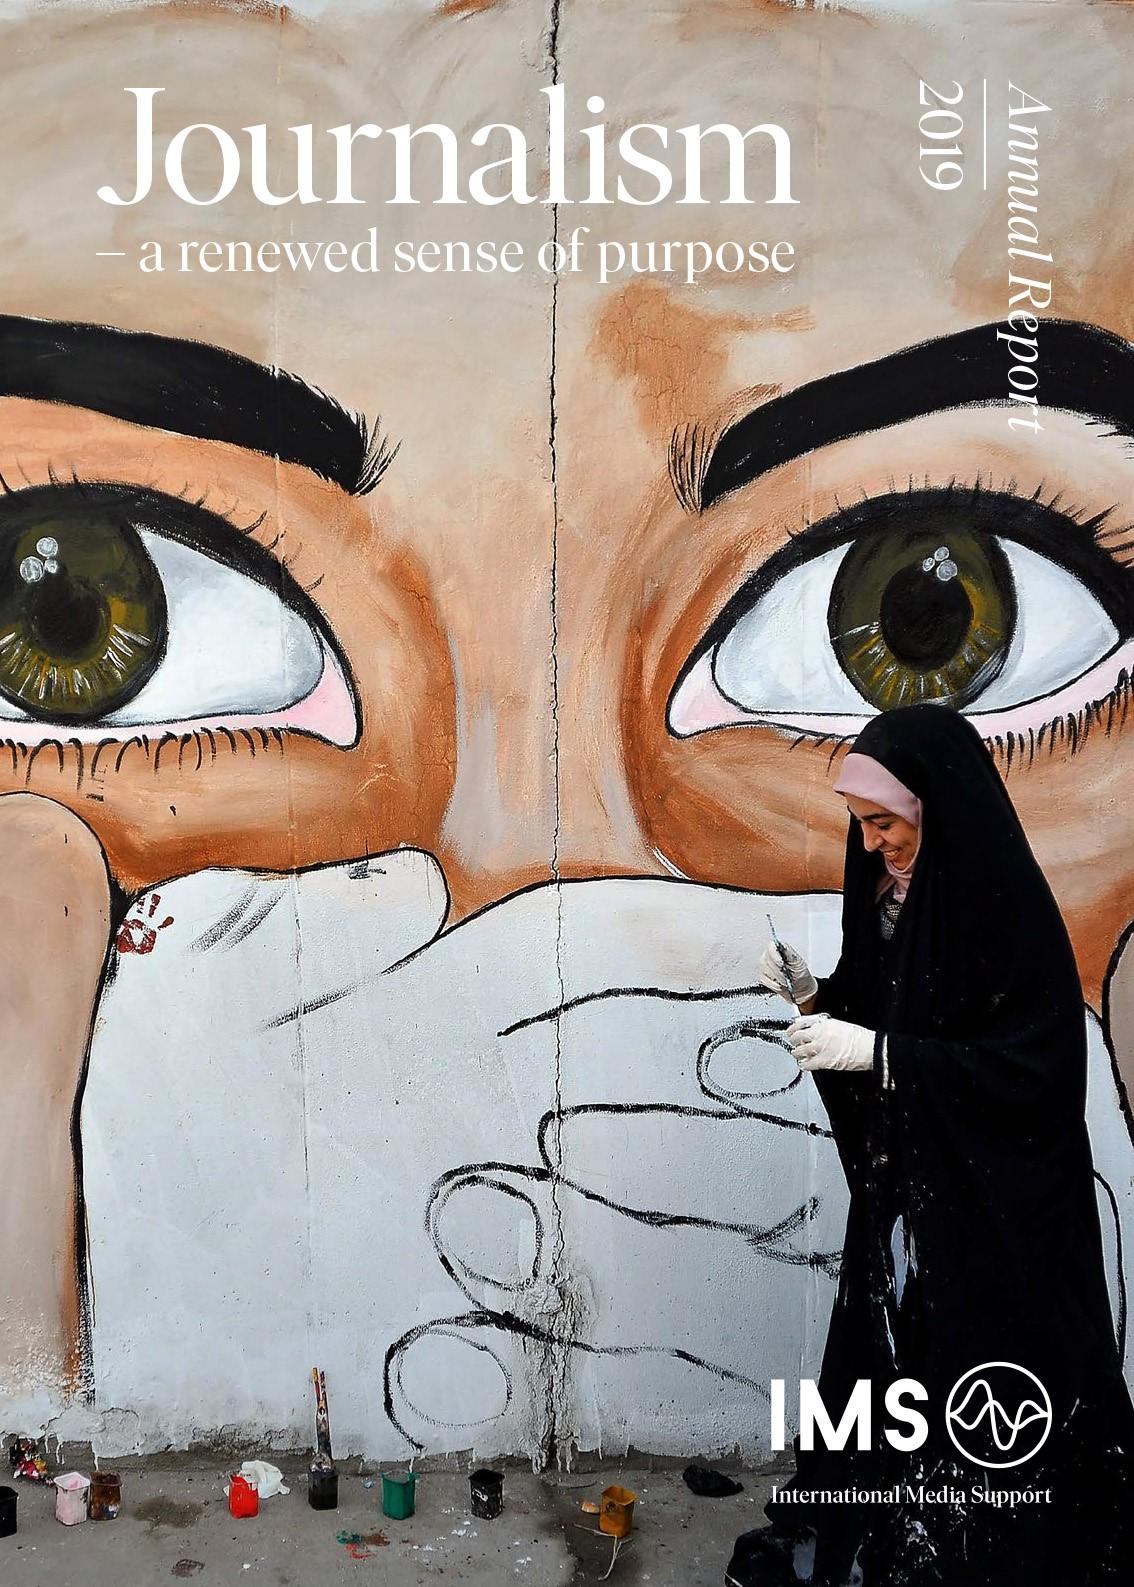 Journalism - a renewed sense of purpose